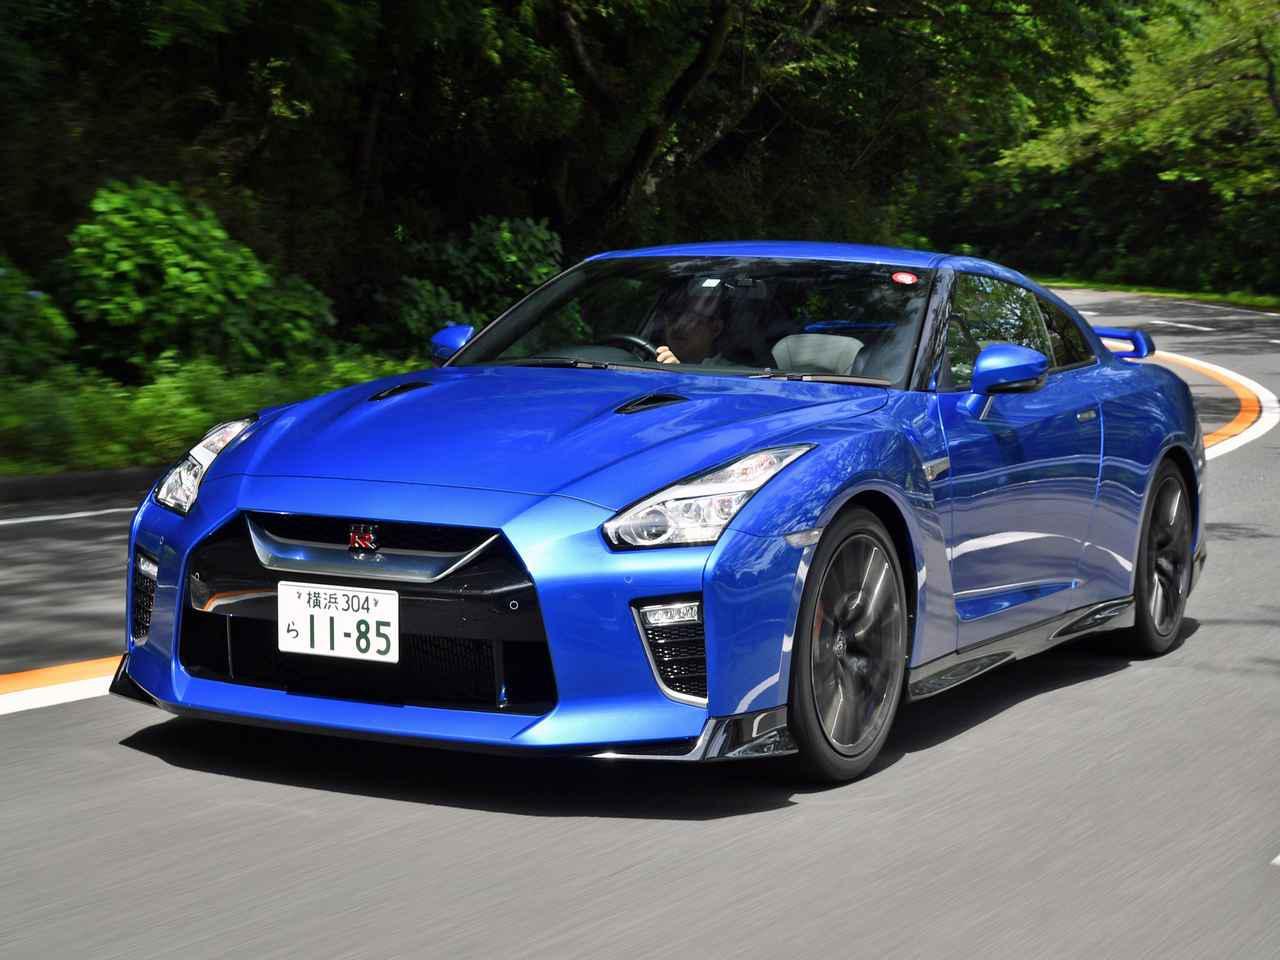 画像: 【ニューモデル写真蔵】日産 GT-R 2020年モデル「妥協することなく速さの質を追求して、さらなる深化を遂げる」 - Webモーターマガジン